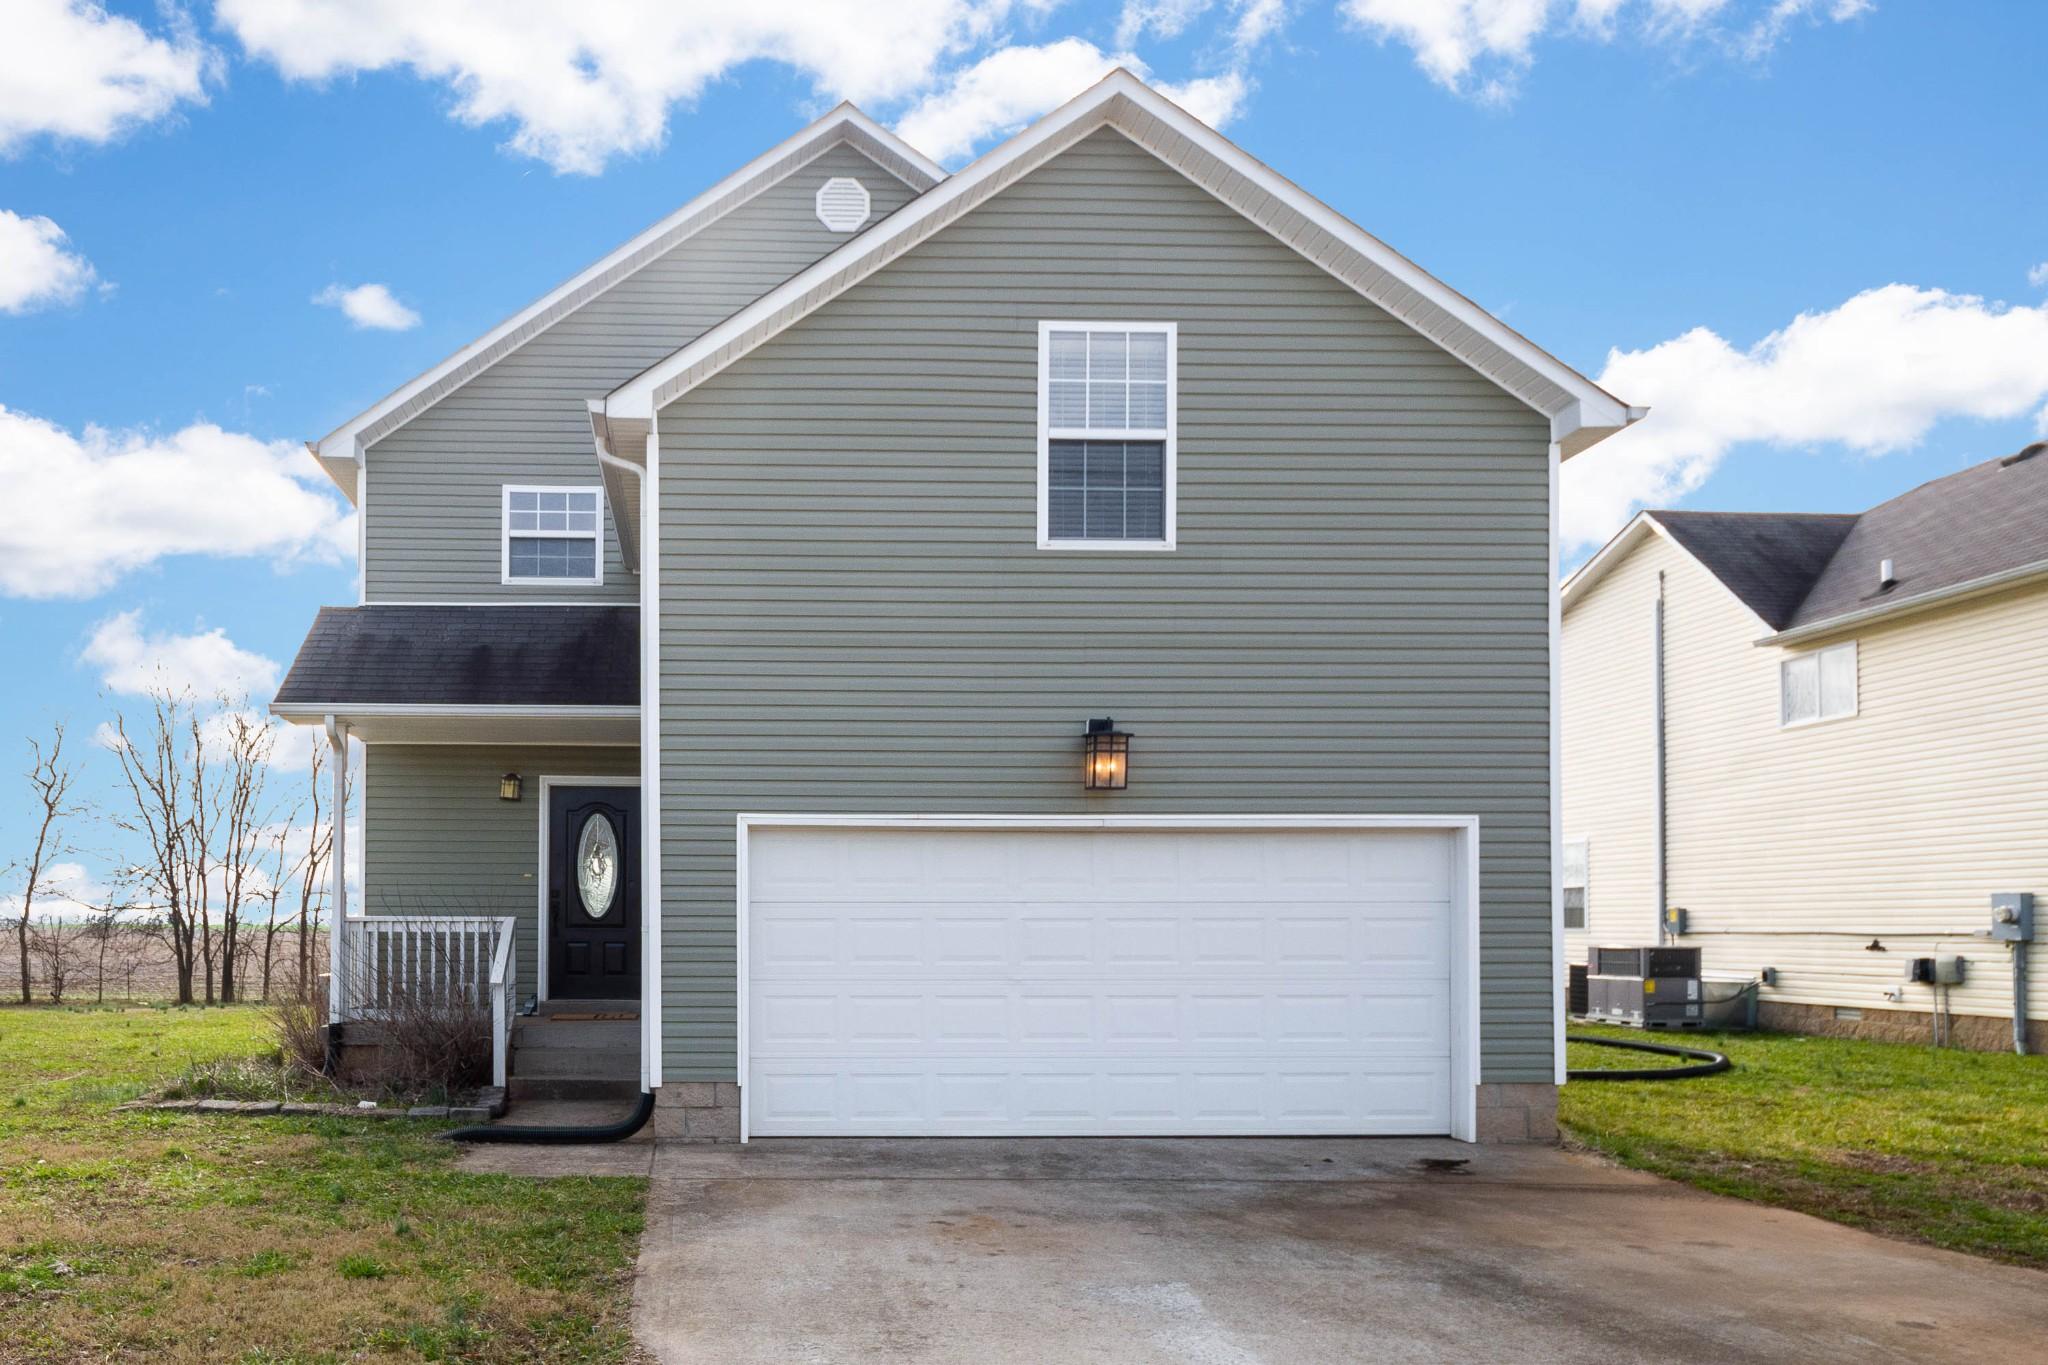 610 S Cavalcade Cir, Oak Grove, KY 42262 - Oak Grove, KY real estate listing